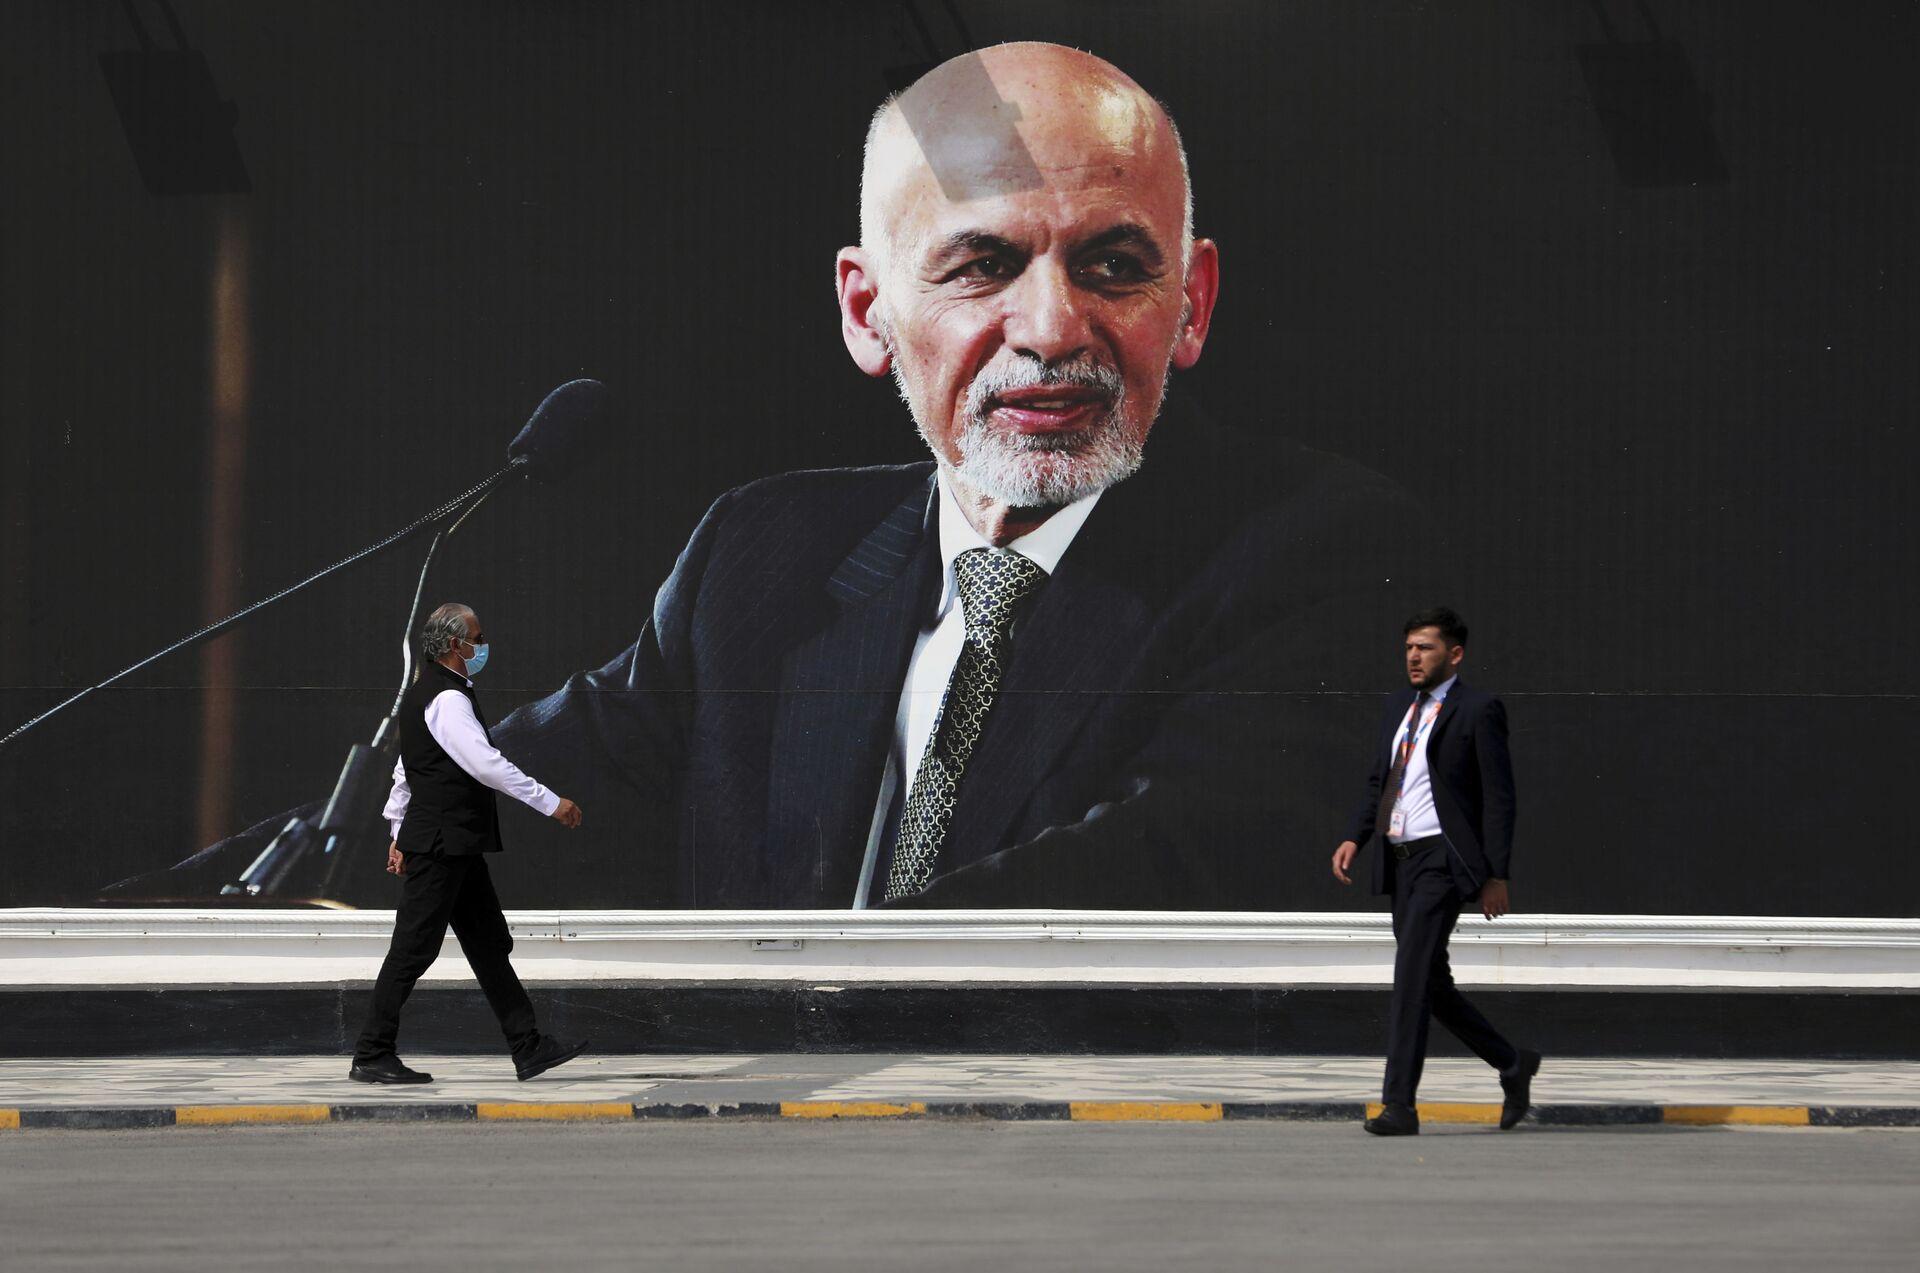 Ảnh chụp Tổng thống Afghanistan Ashraf Ghani tại Sân bay Quốc tế Kabul - Sputnik Việt Nam, 1920, 05.10.2021